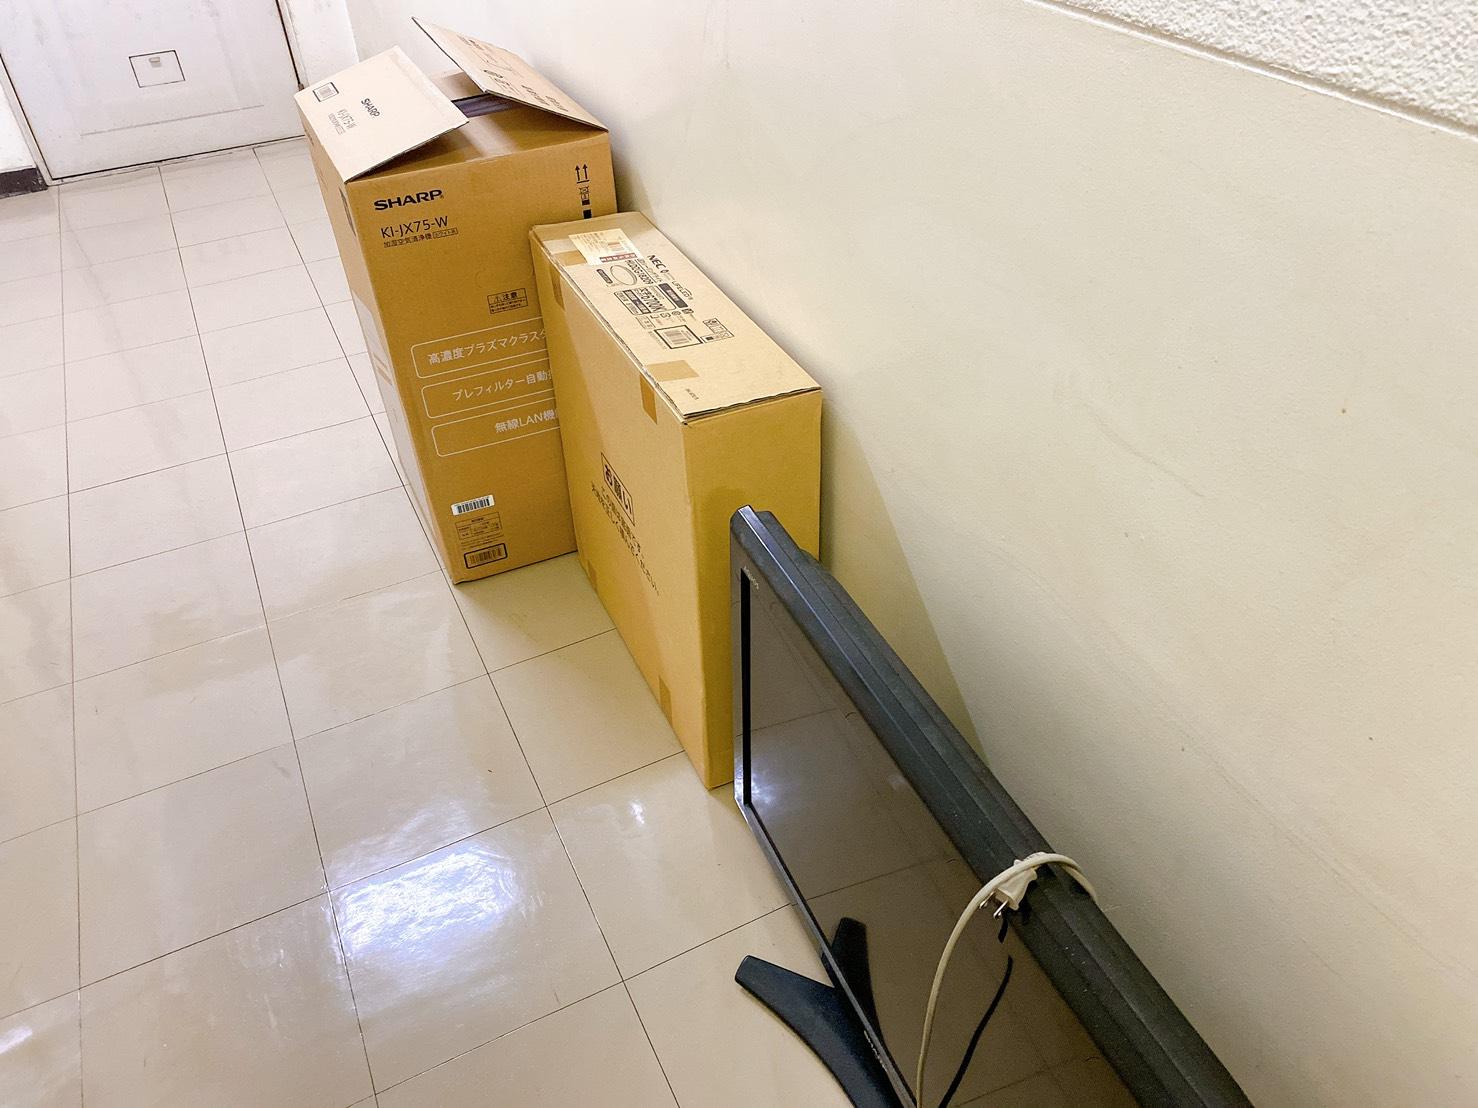 テレビ、空気清浄機の回収前